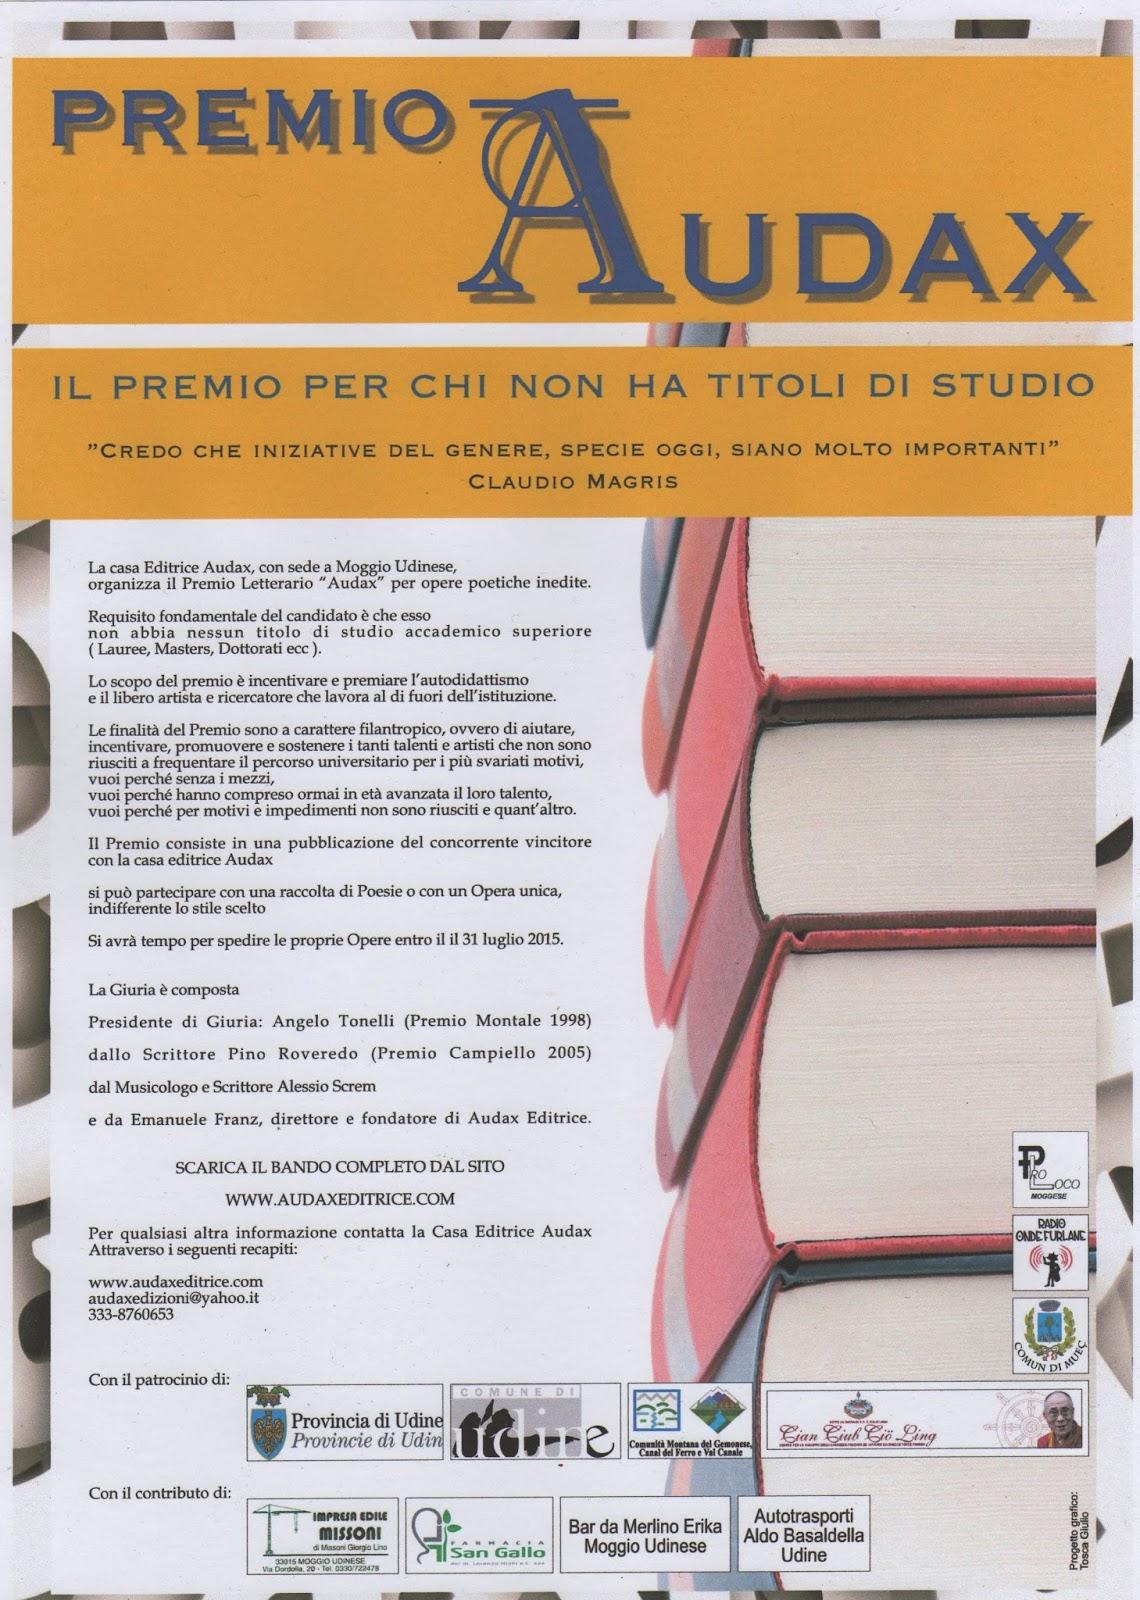 PREMIO AUDAX